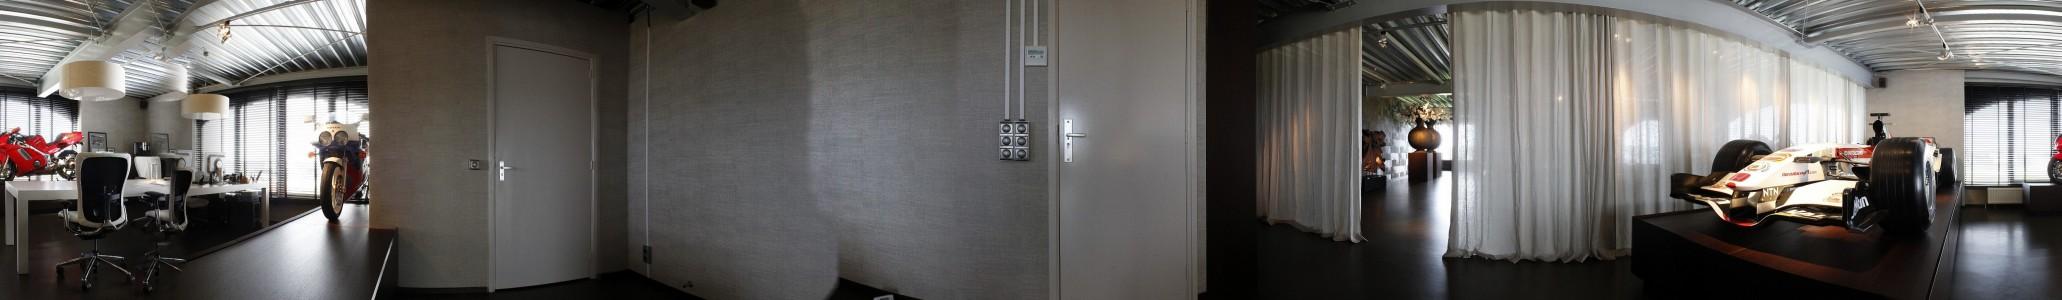 Office second floor 2